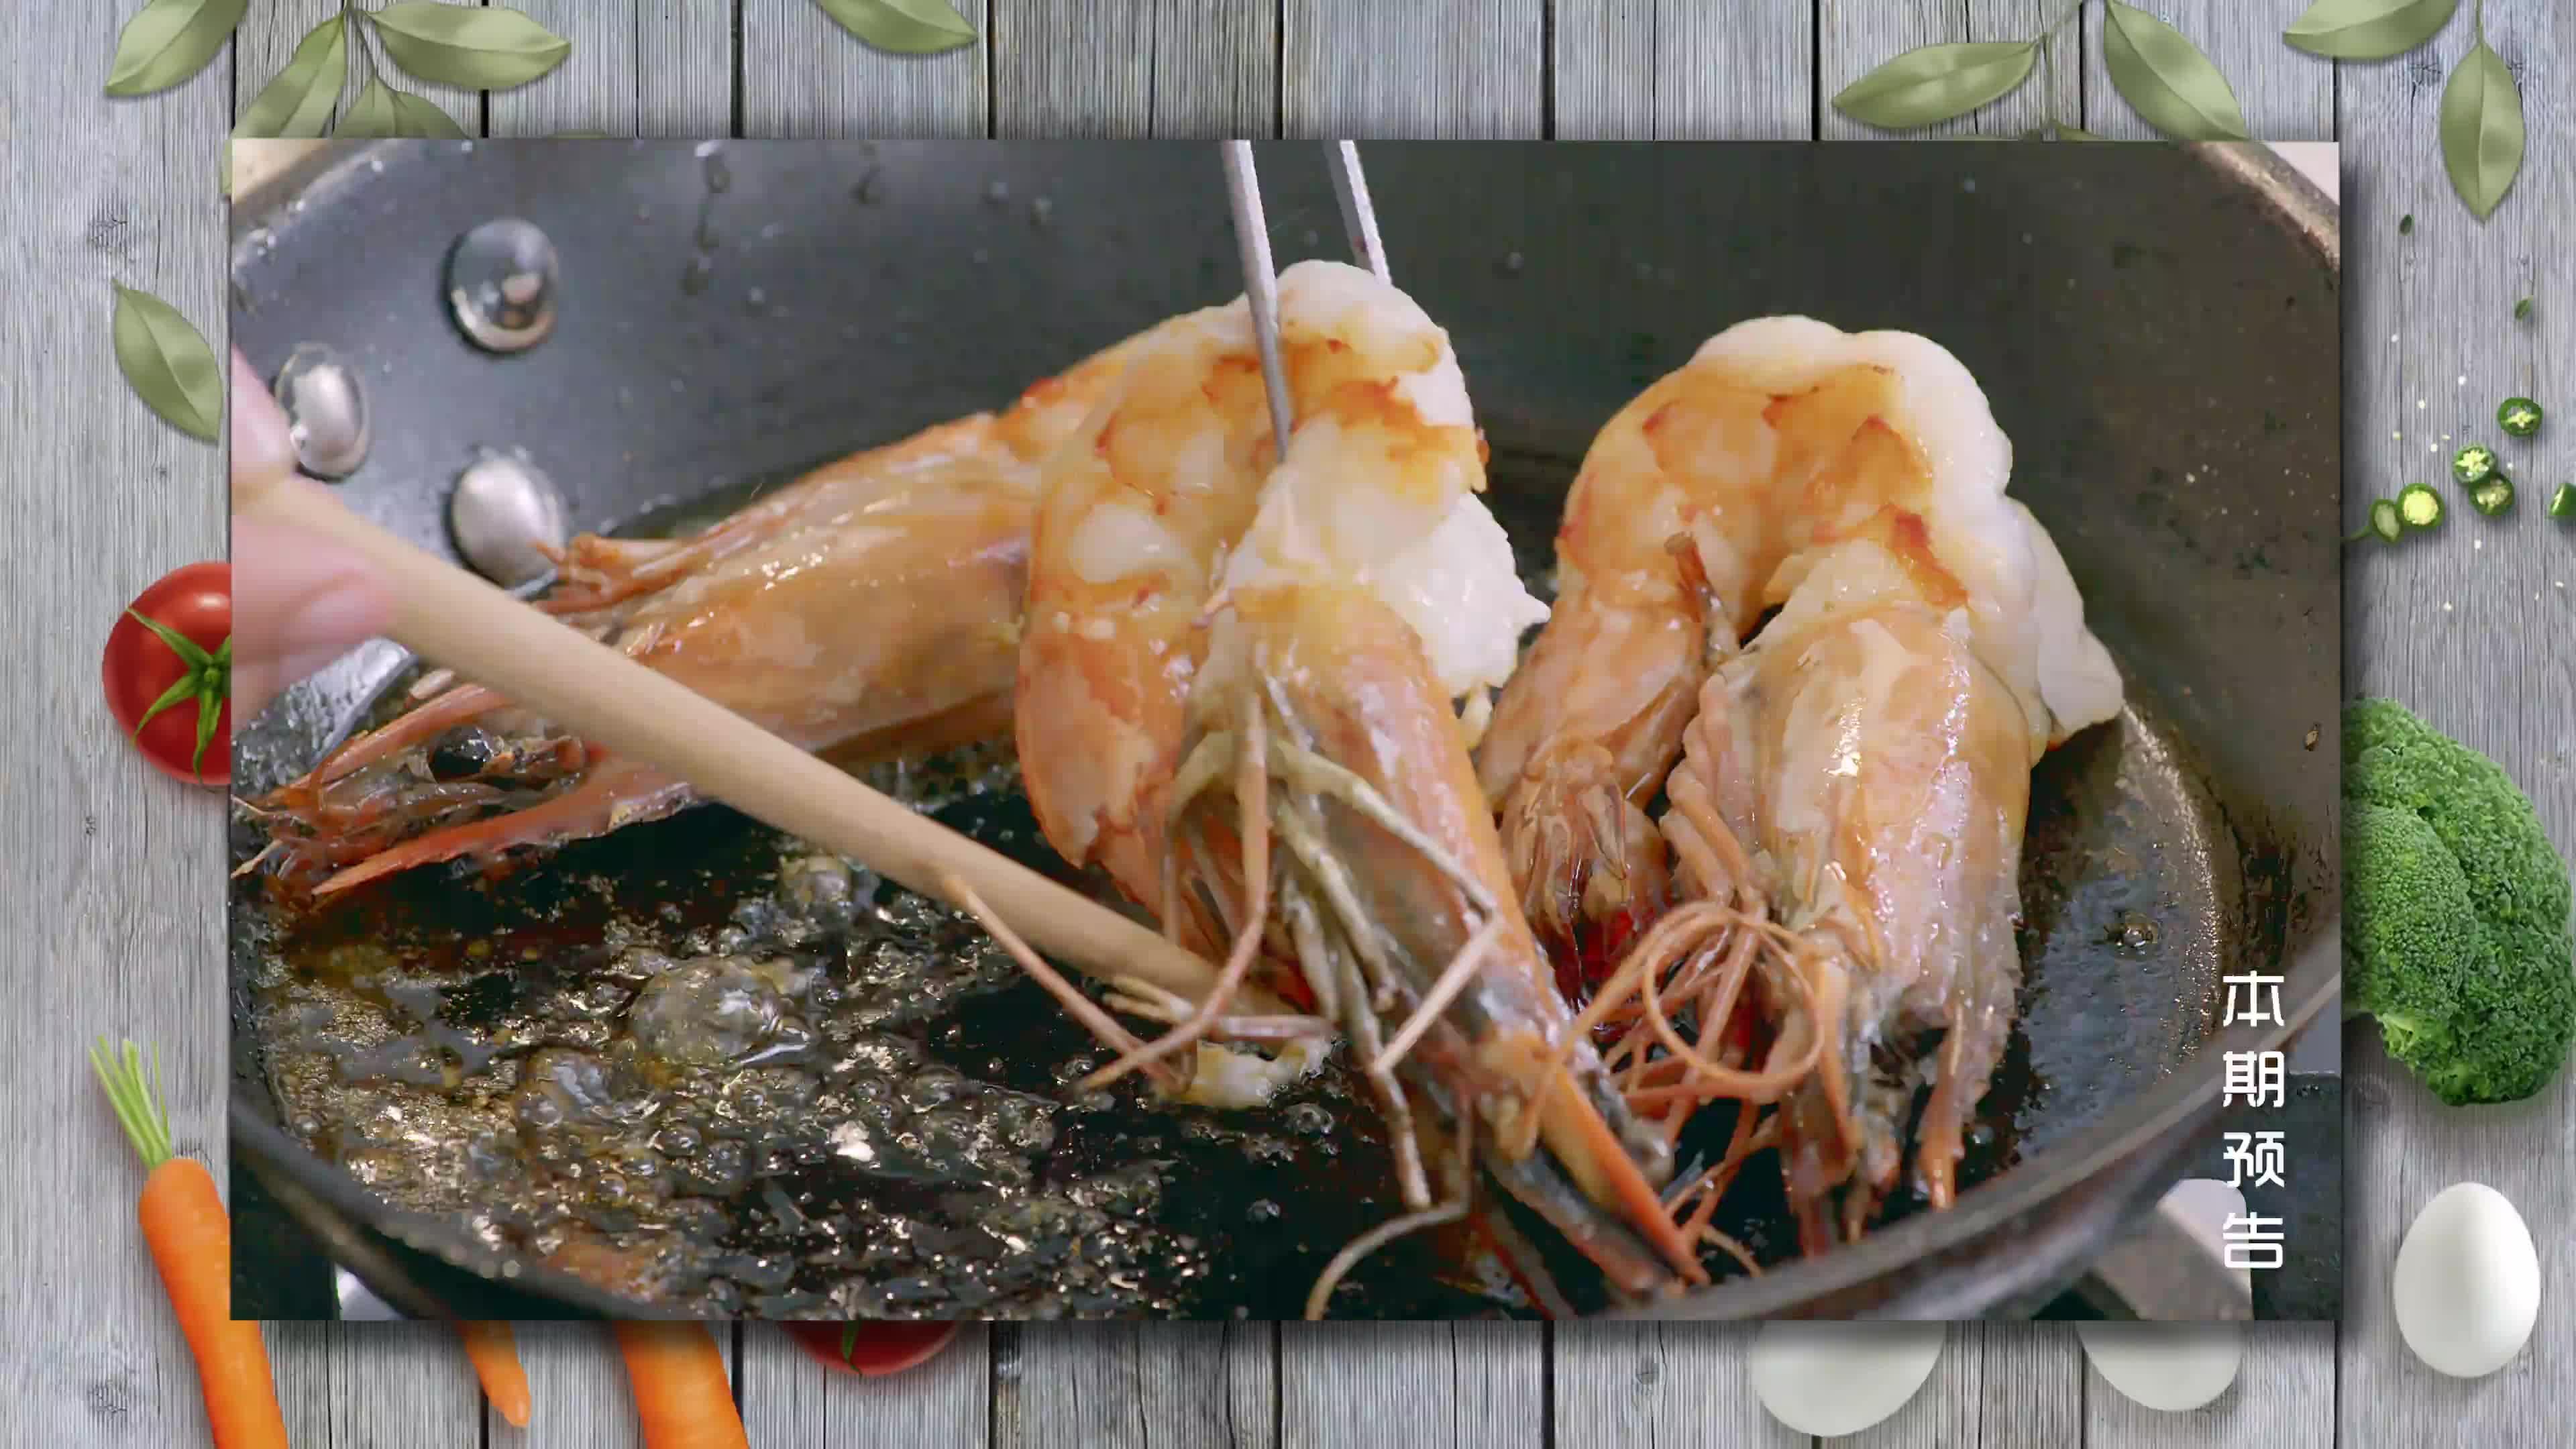 极致美味第1季 香煎大虾